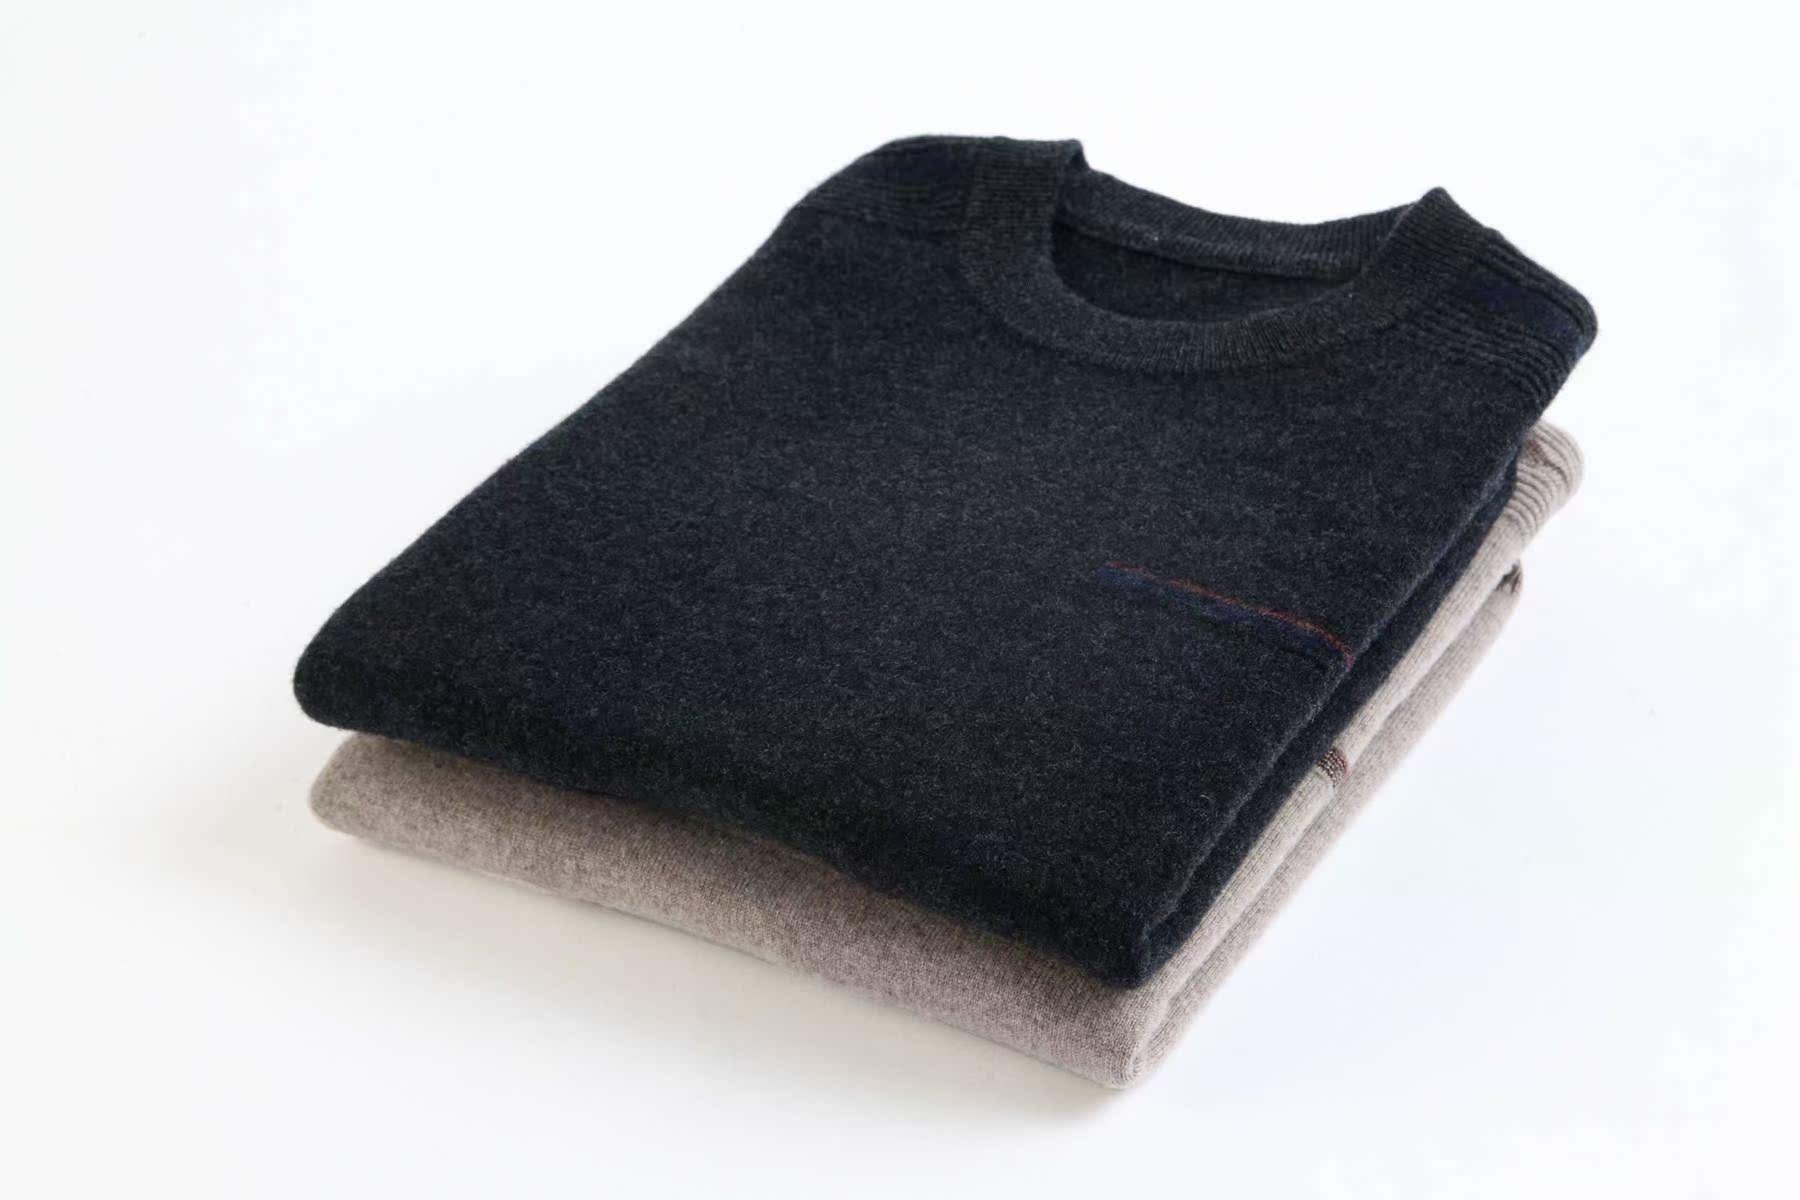 2019新款秋冬季中年男士超大码羊绒衫男胖子宽松加肥加大肥佬毛衣